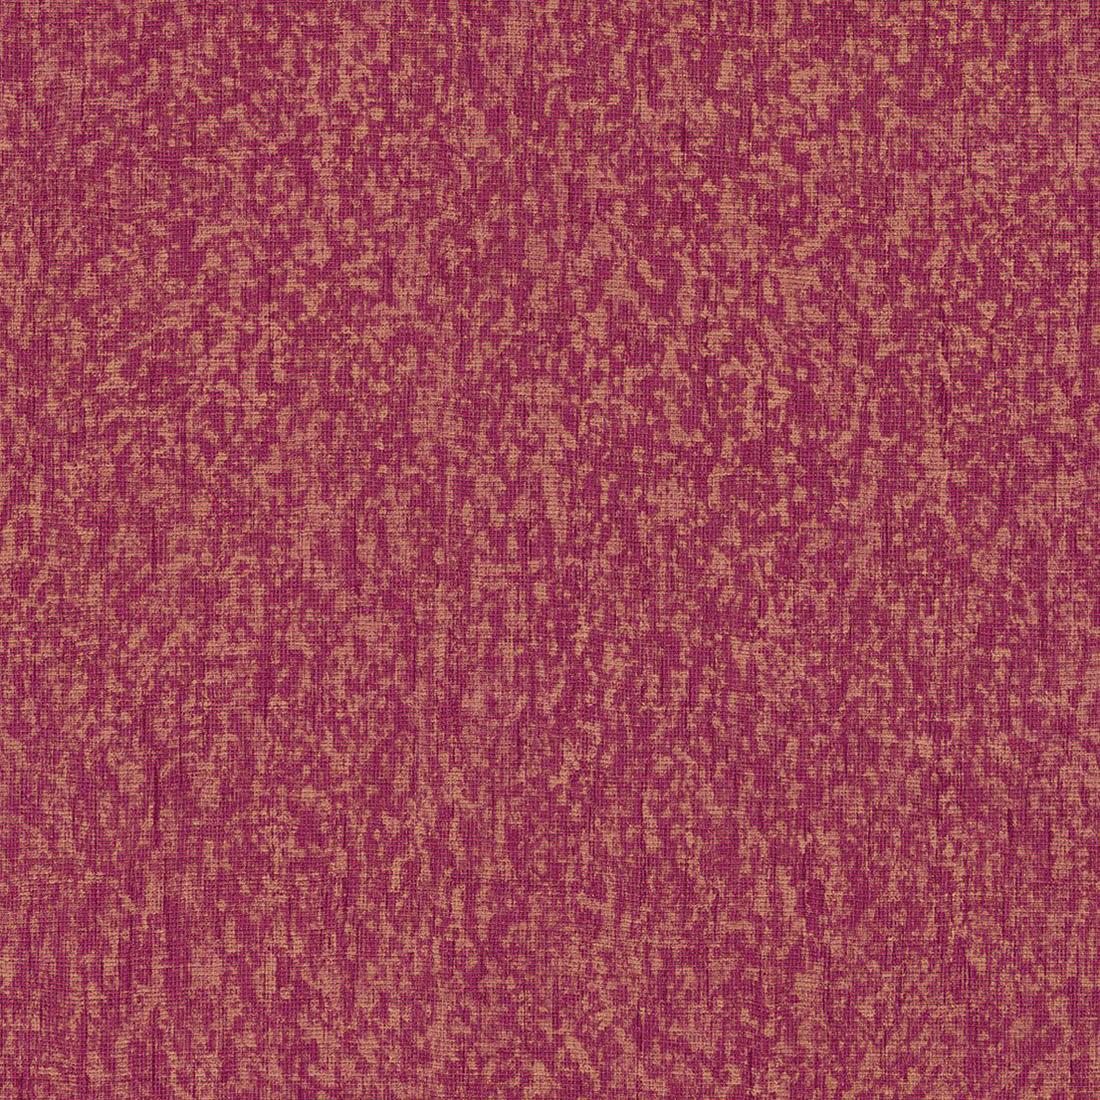 Sundari-375156